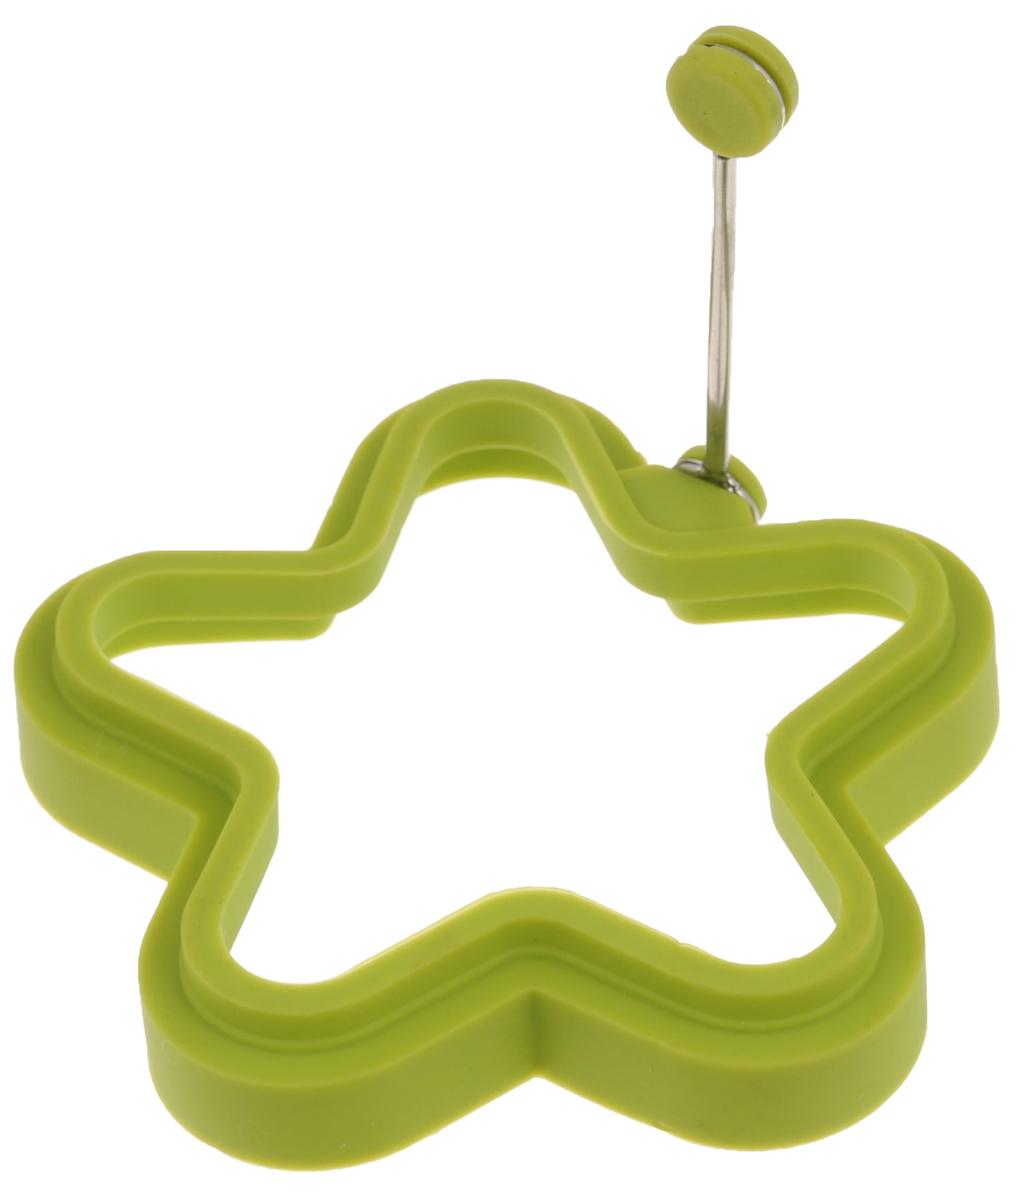 Форма для яичницы Mayer & Boch Звезда, цвет: зеленыйFS-91909Форма Mayer & Boch Звезда изготовлена из силикона. Она предназначена для приготовления яичницы, выпекания блинов необычной формы и других блюд. Необходимо просто залить приготавливаемую массу внутрь формочки, расположенной на сковородке, и подождать, пока блюдо не дойдет до нужной кондиции. Благодаря такой формочке, вы привнесете немного оригинальности и разнообразия в свой повседневный завтрак.Можно мыть в посудомоечной машине.Размер: 11,5 х 11,5 х 2,2 см.